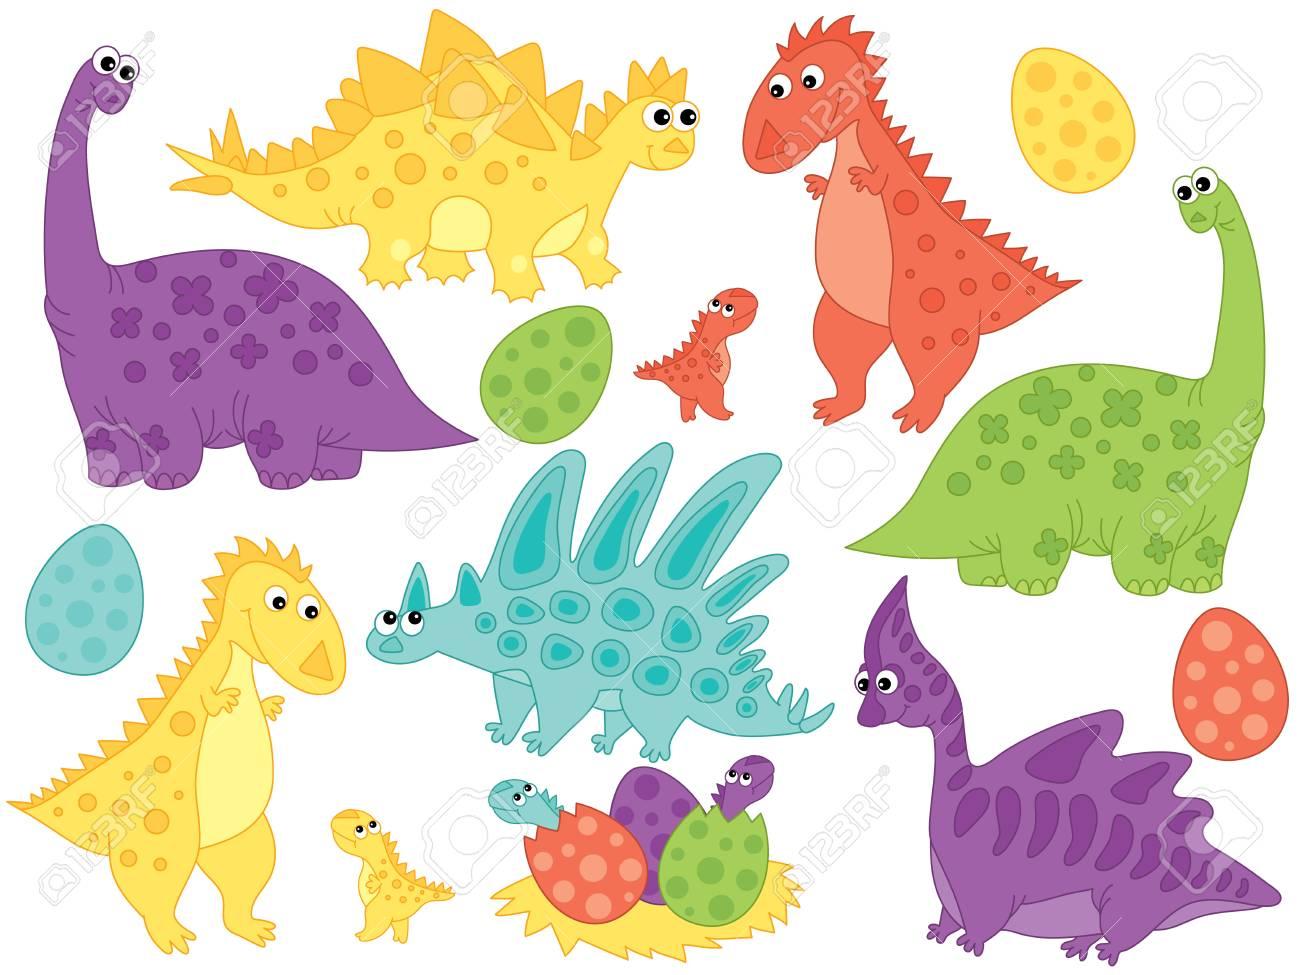 Vector Con Dinosaurio De Dibujos Animados Lindo Huevos Y Eclosion De Bebes Vector Dino Vector Varios Dinosaurios En Diferentes Colores Ilustracion De Vector De Dinosaurios Ilustraciones Vectoriales Clip Art Vectorizado Libre De 11 5:33 diez dinosaurios 7:27 el tren de colores 9:13 la canción del baño 10:56 © el bebe productions limited. vector con dinosaurio de dibujos animados lindo huevos y eclosion de bebes vector dino vector varios dinosaurios en diferentes colores ilustracion